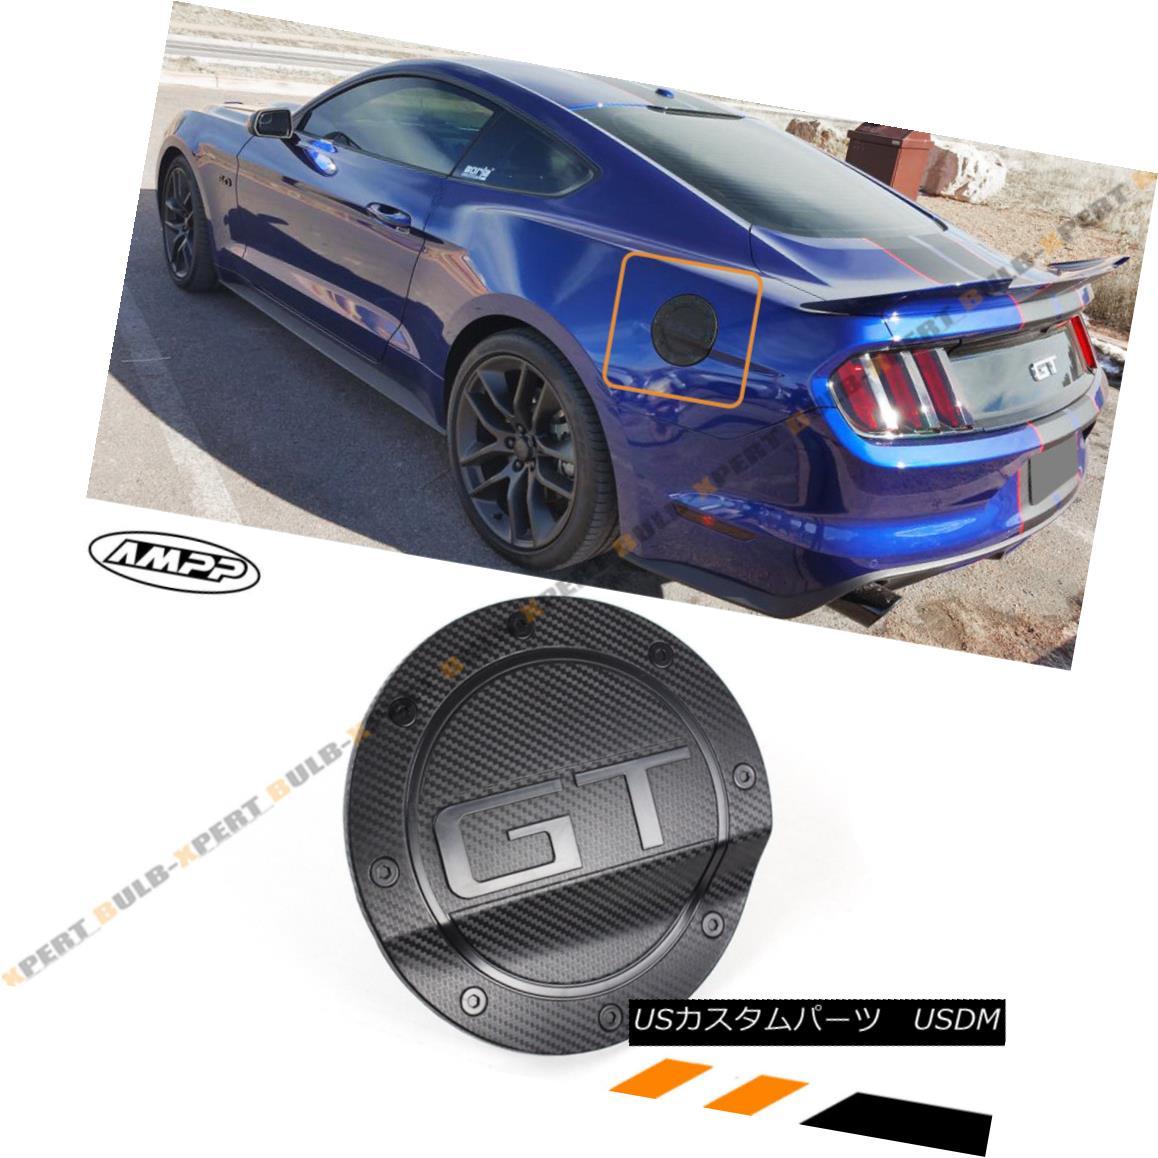 エアロパーツ For 15-18 Ford Mustang 3D GT Carbon Fiber Texture Add-on Gas Fuel Door Cover Cap 15-18フォードマスタング3D GTカーボンファイバーテクスチャーアドオンガス燃料ドアカバーキャップ